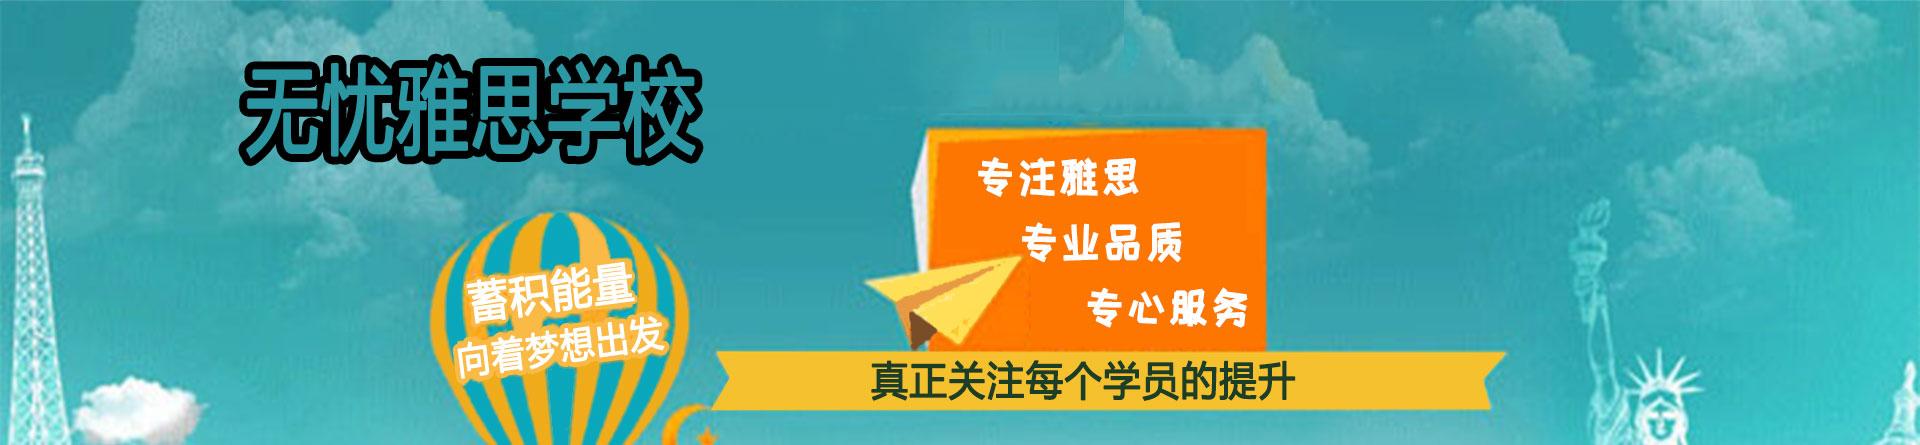 郑州无忧雅思学校